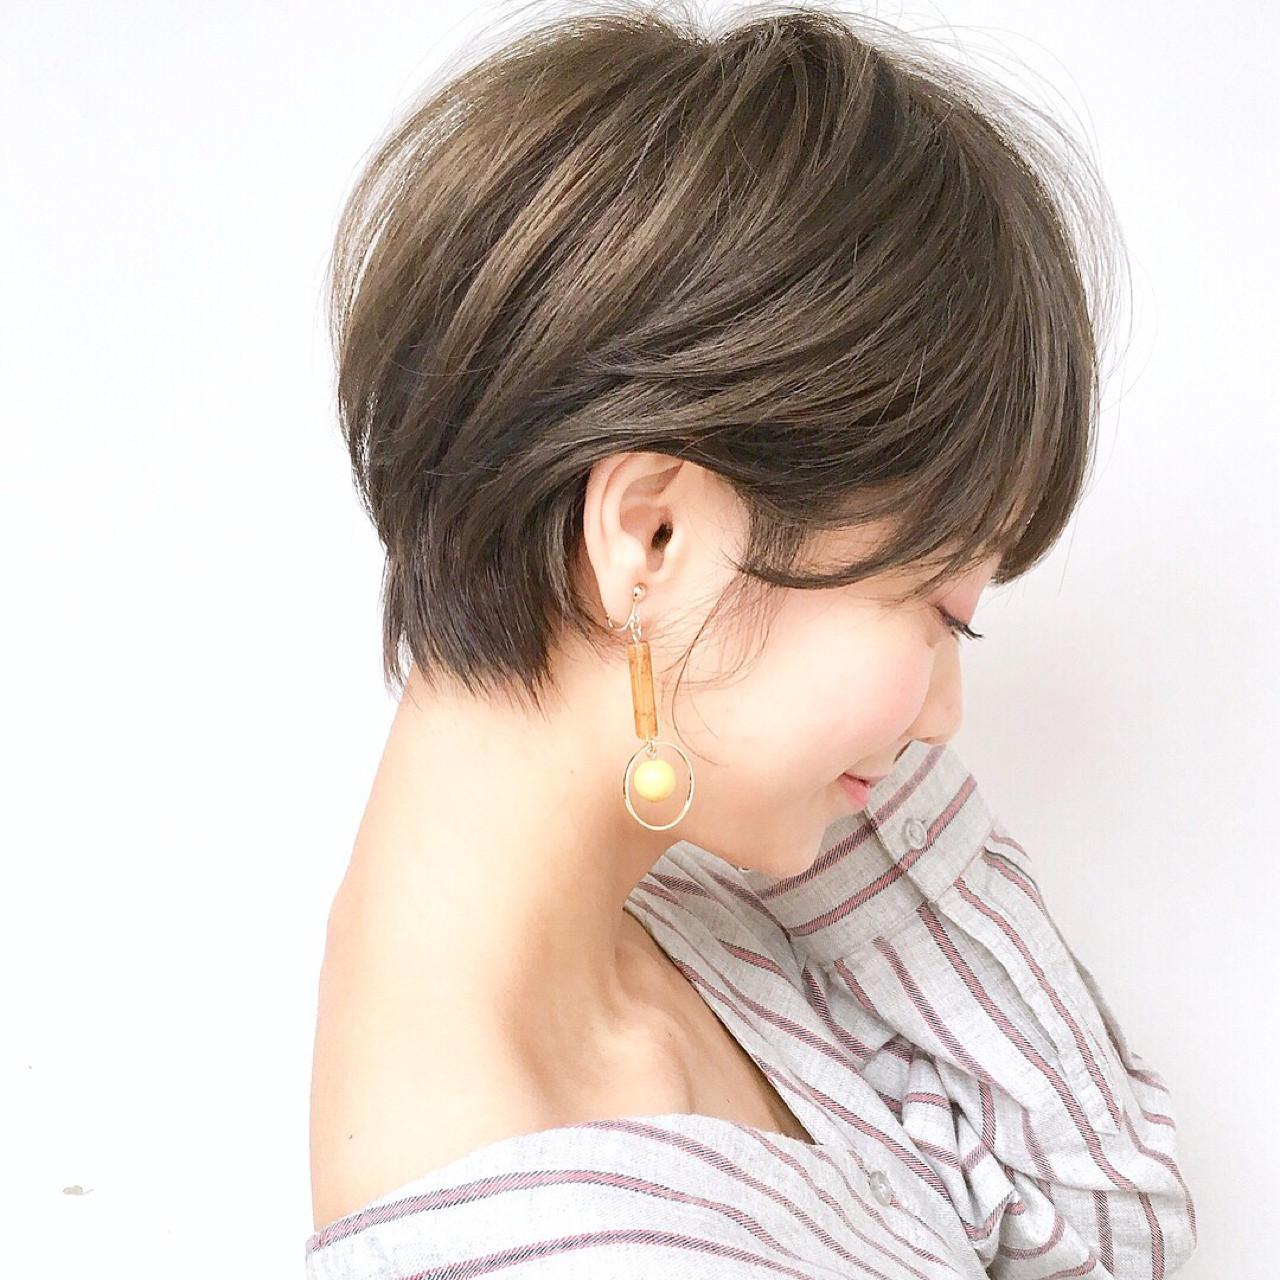 モテ度高め♡芸能人風ショートヘアでナチュラル美人に変身!